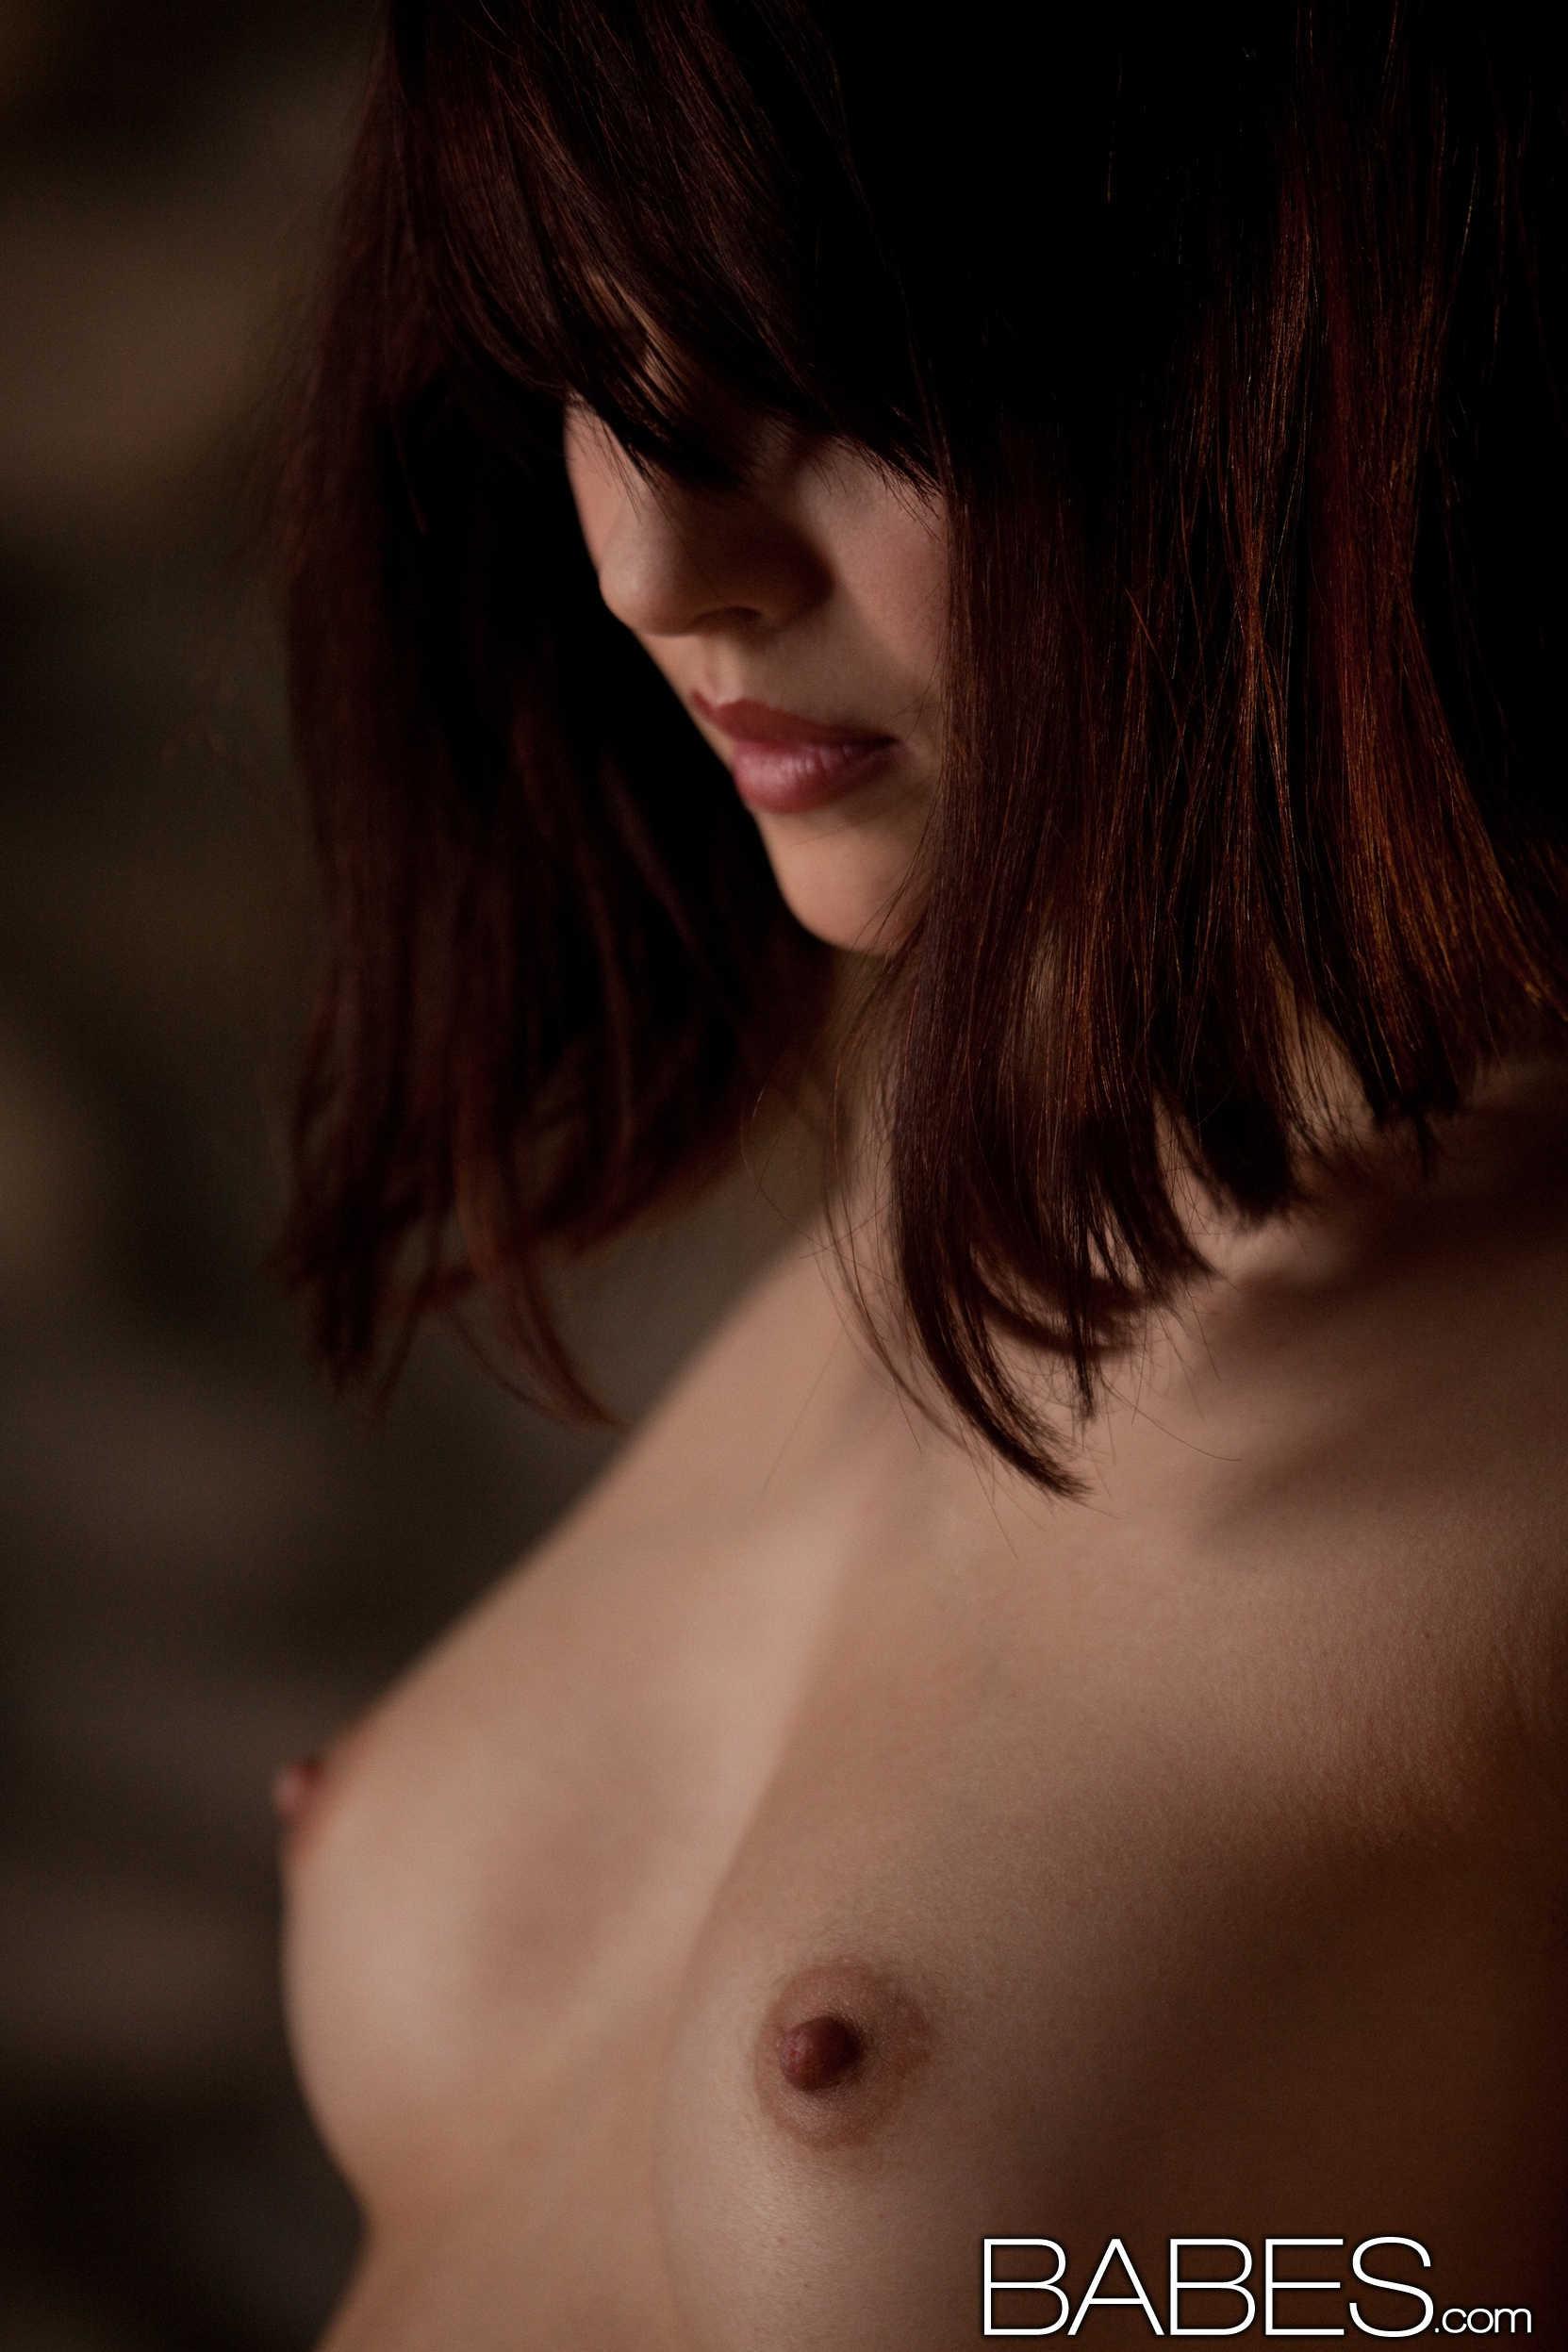 Colo sensual, erótica y bella!